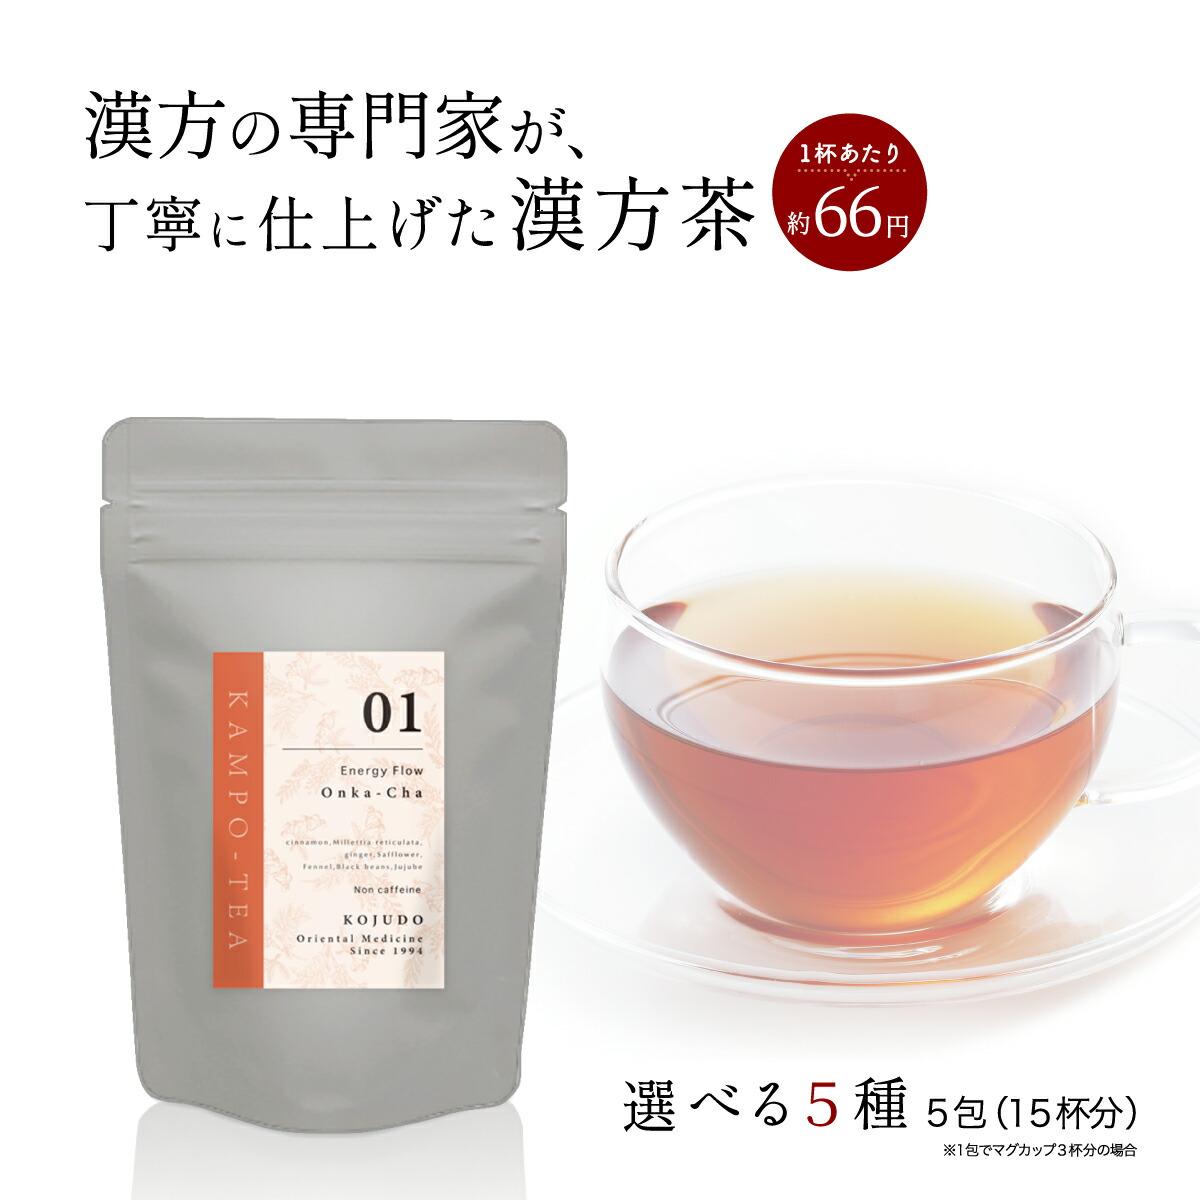 漢方茶 5包入り トライアル